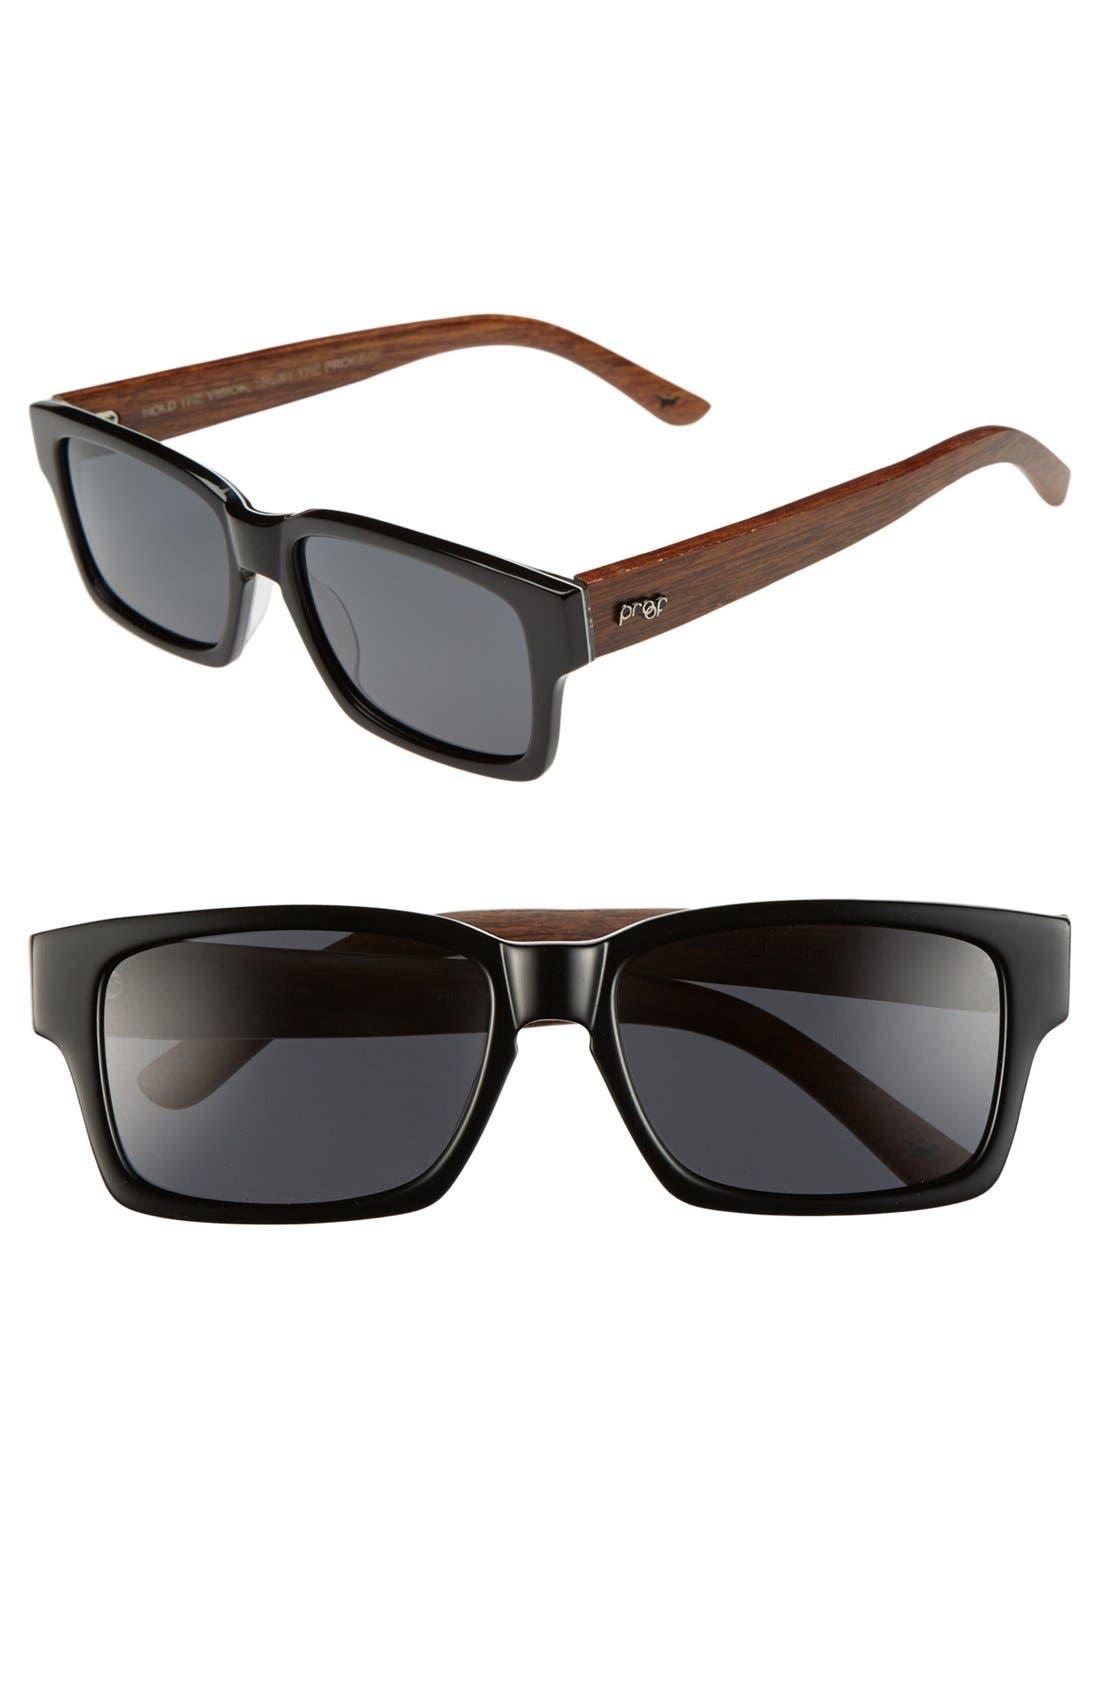 Main Image - Proof Eyewear 'Bannock' 52mm Wood Temple Polarized Sunglasses